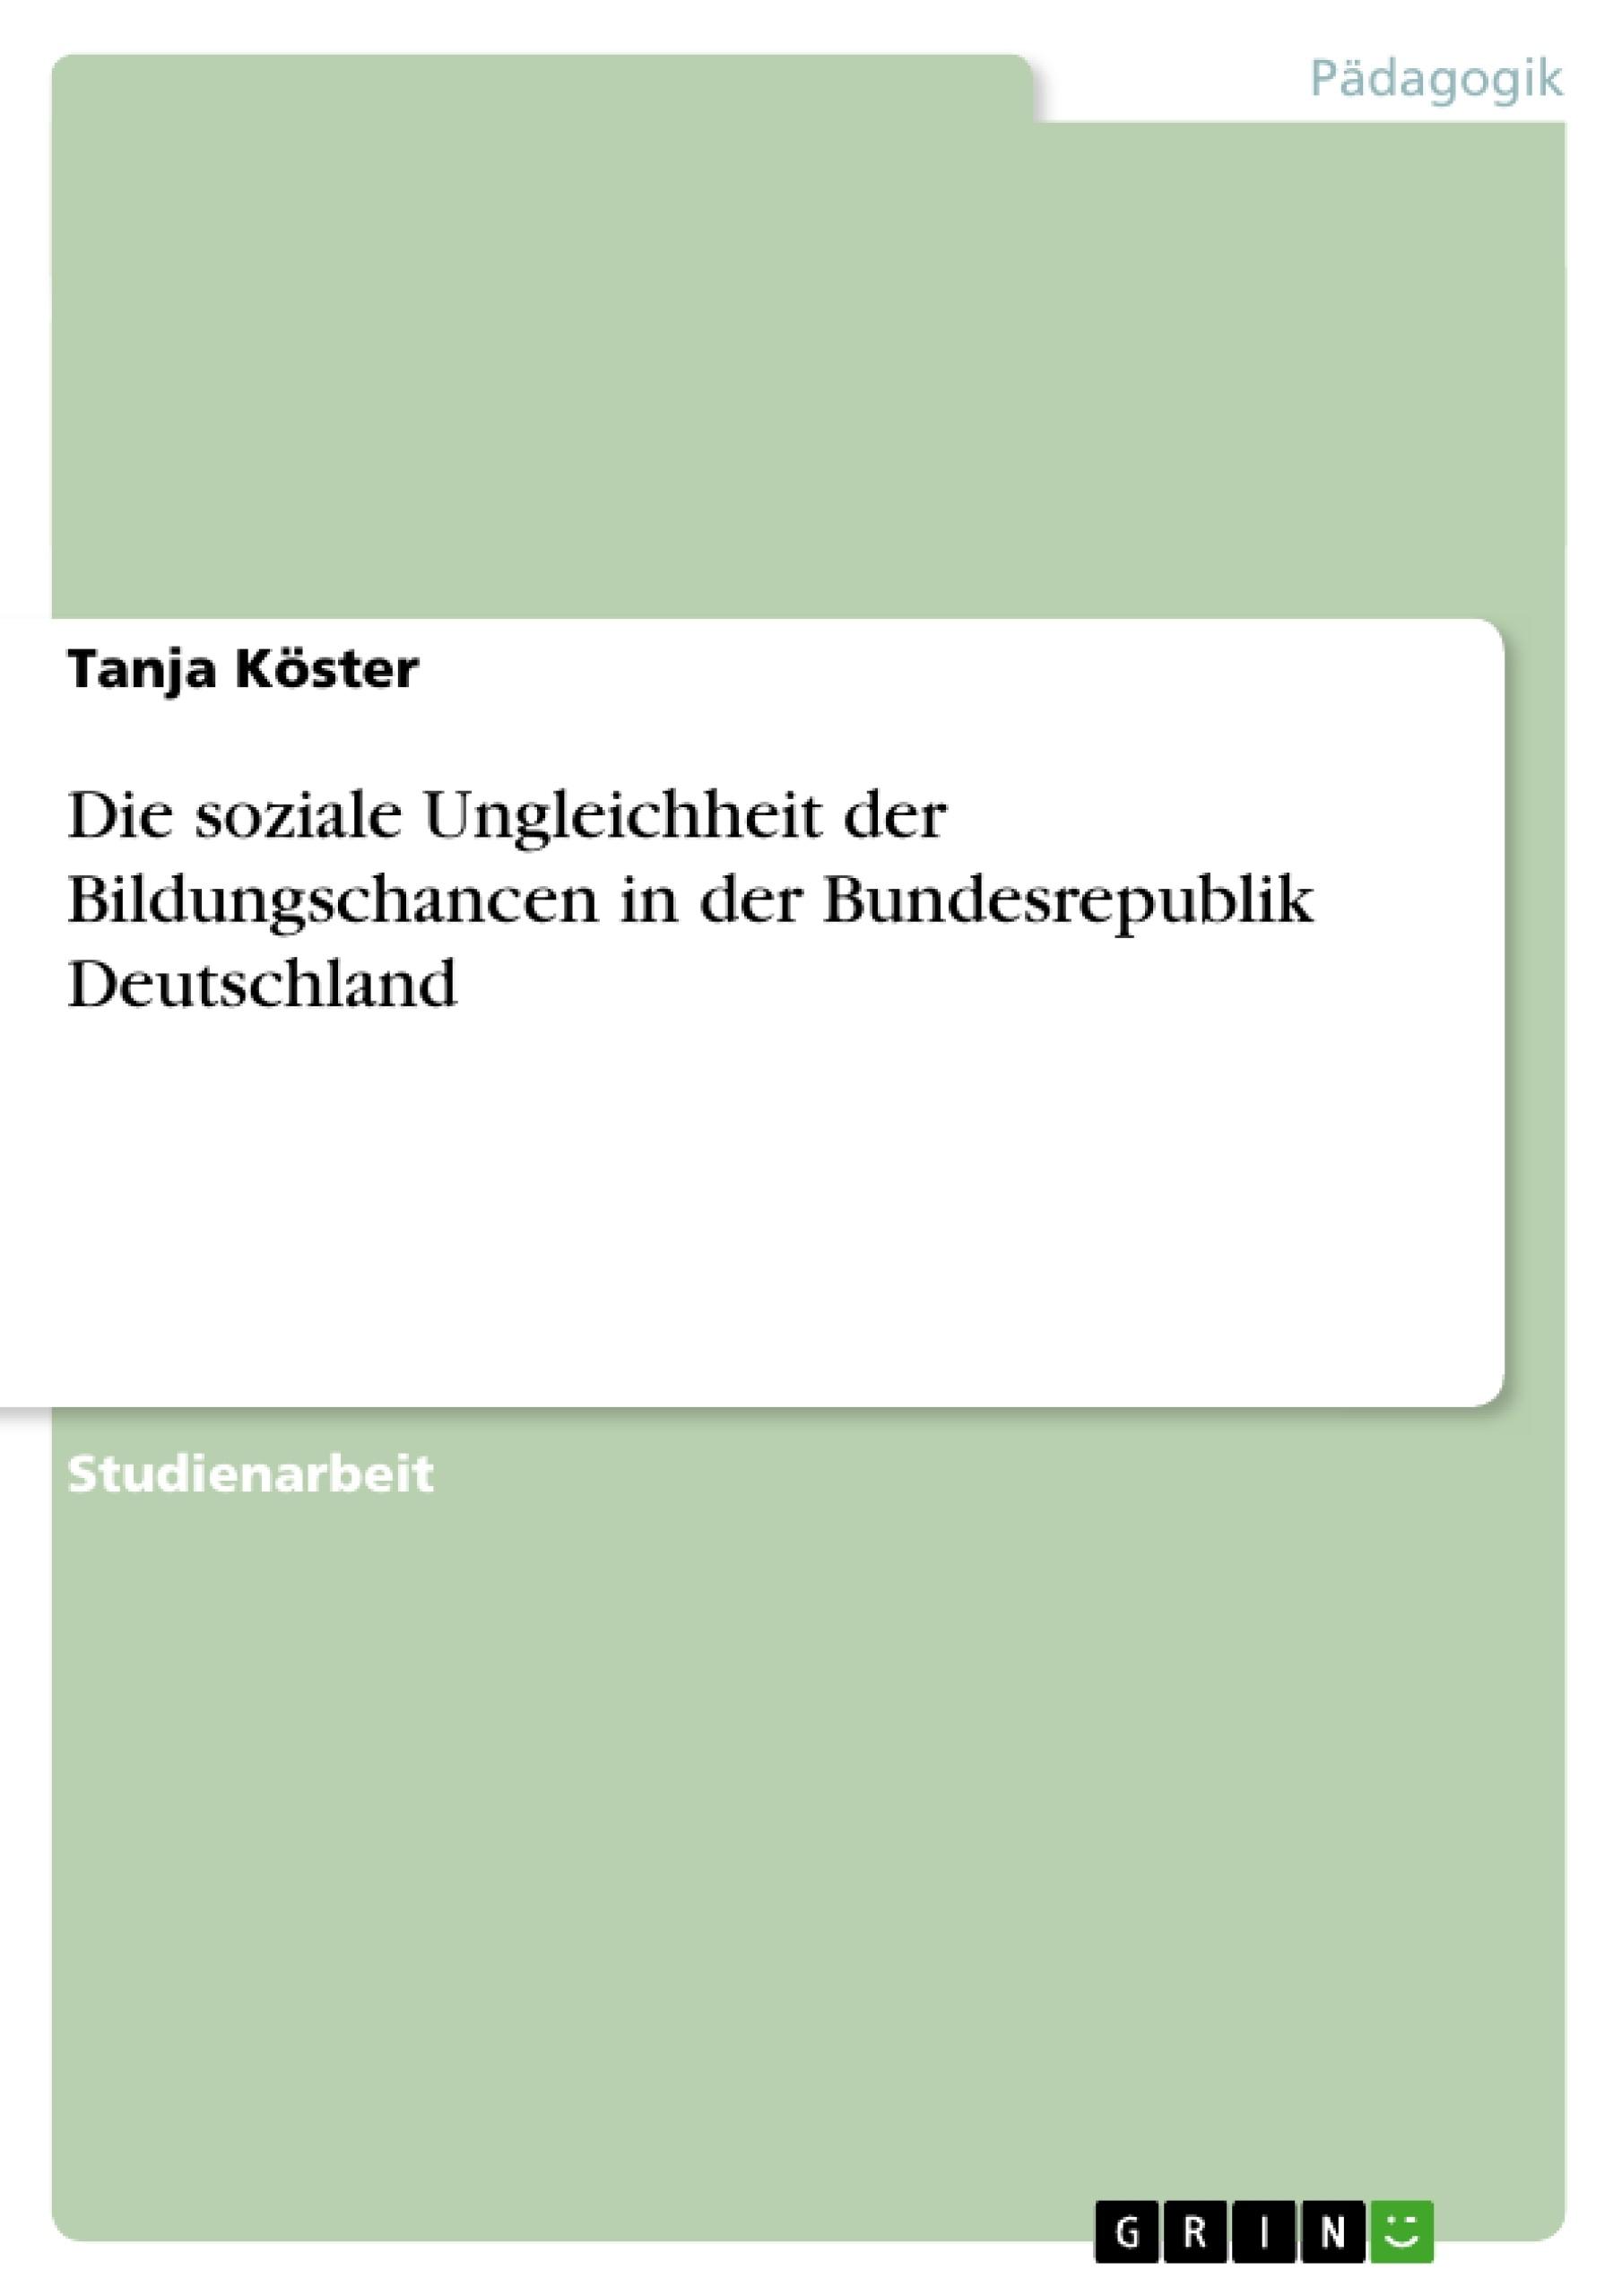 Titel: Die soziale Ungleichheit der Bildungschancen in der Bundesrepublik Deutschland